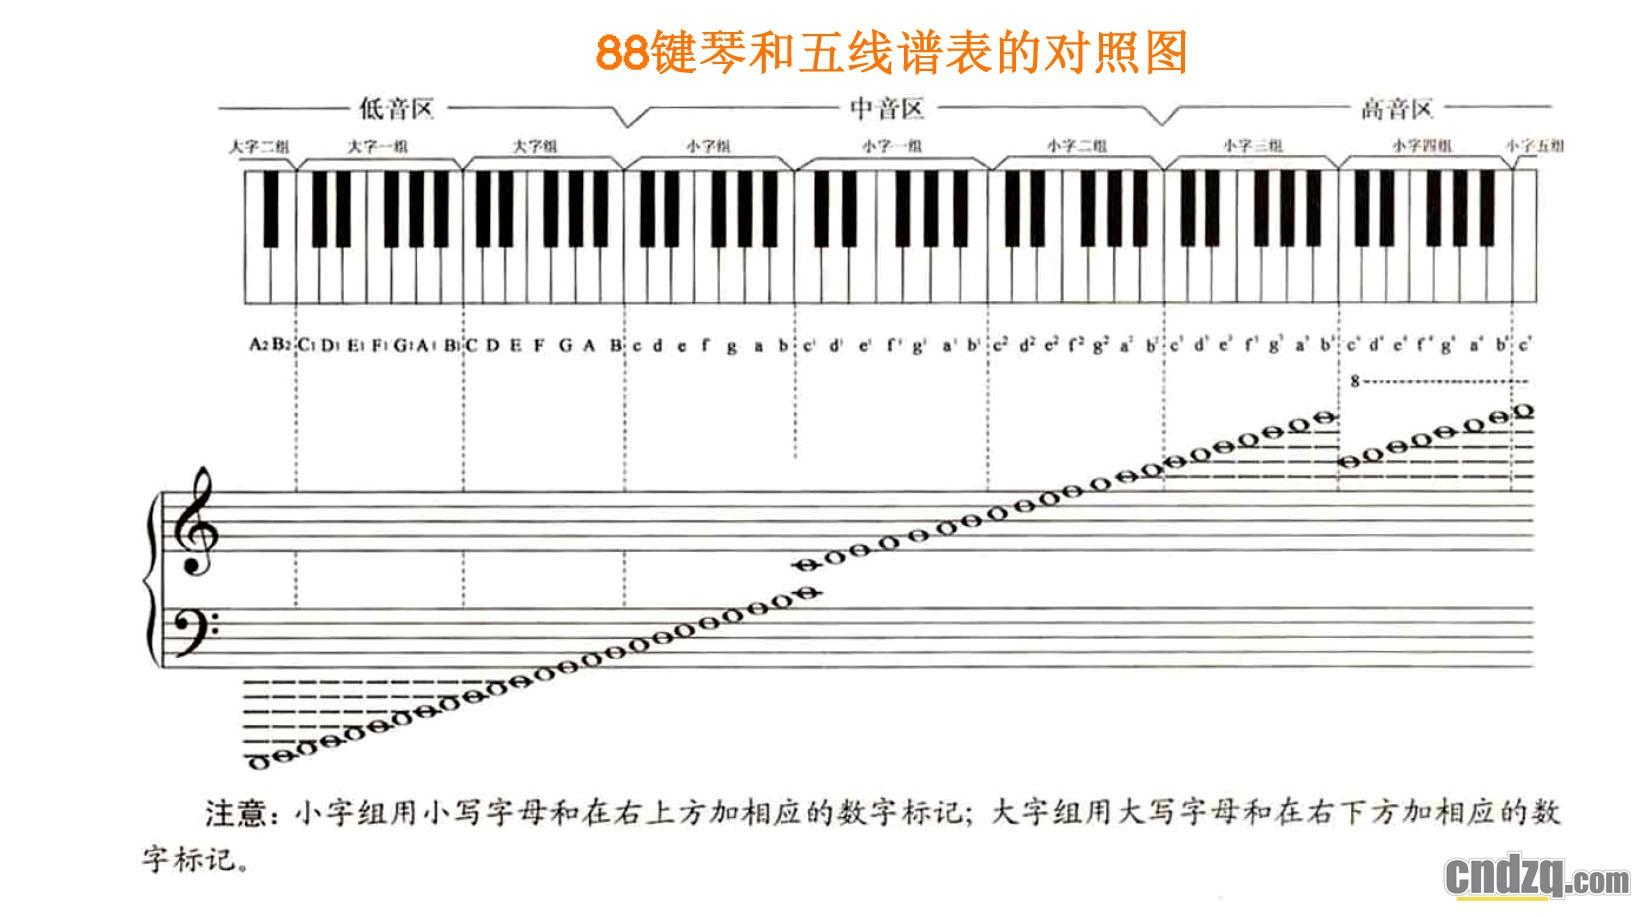 电子琴琴键分布图_俏娃宝贝电子琴琴键贴37键钢琴不干胶琴贴3D